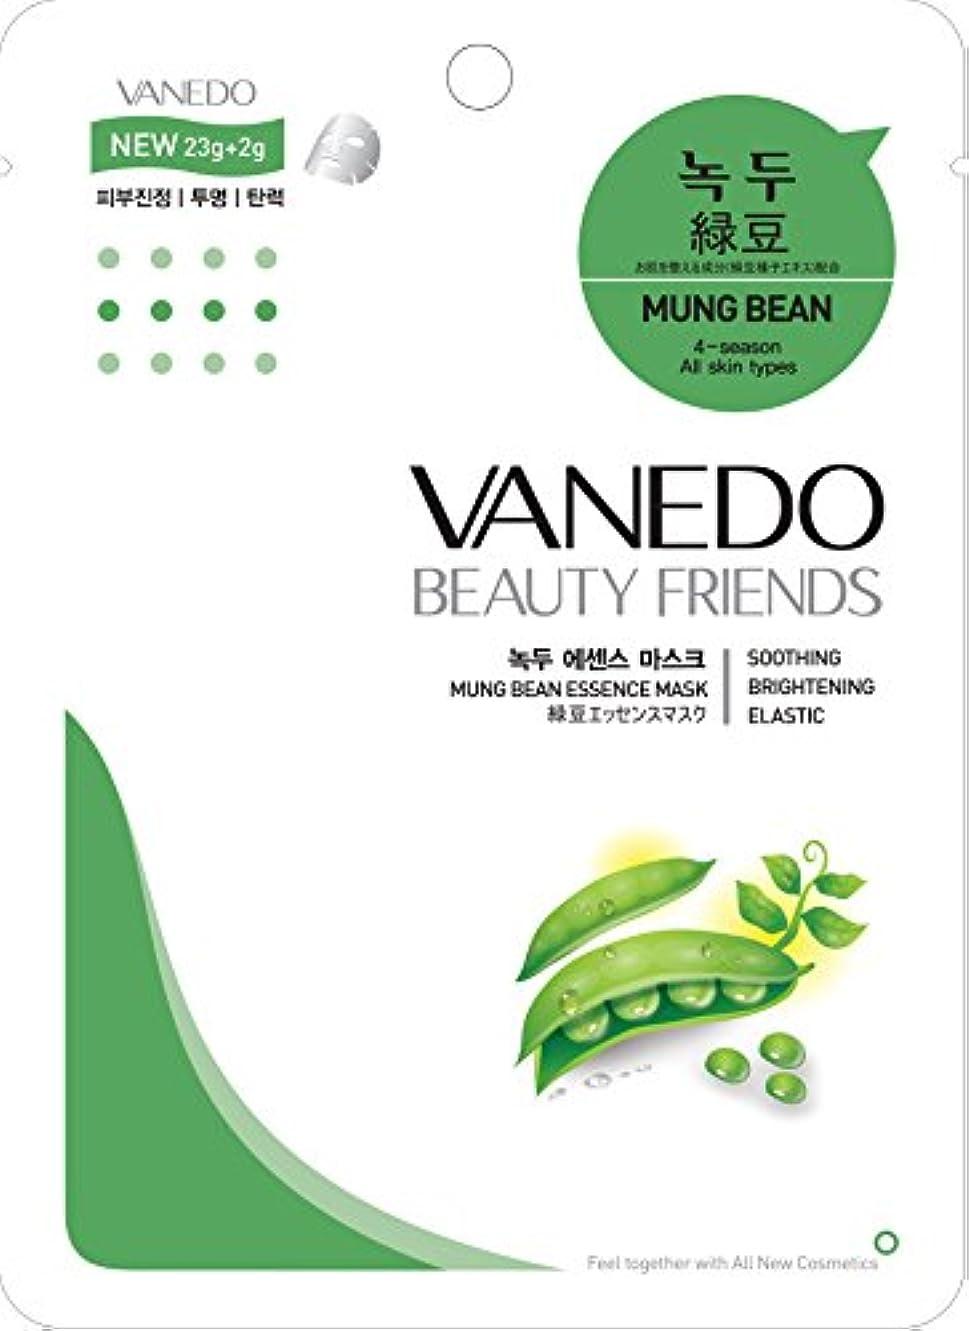 遠洋の修士号袋【VANEDO】バネド シートマスク 緑豆 10枚セット/エッセンス/保湿/フェイスマスク/フェイスパック/マスクパック/韓国コスメ [メール便]